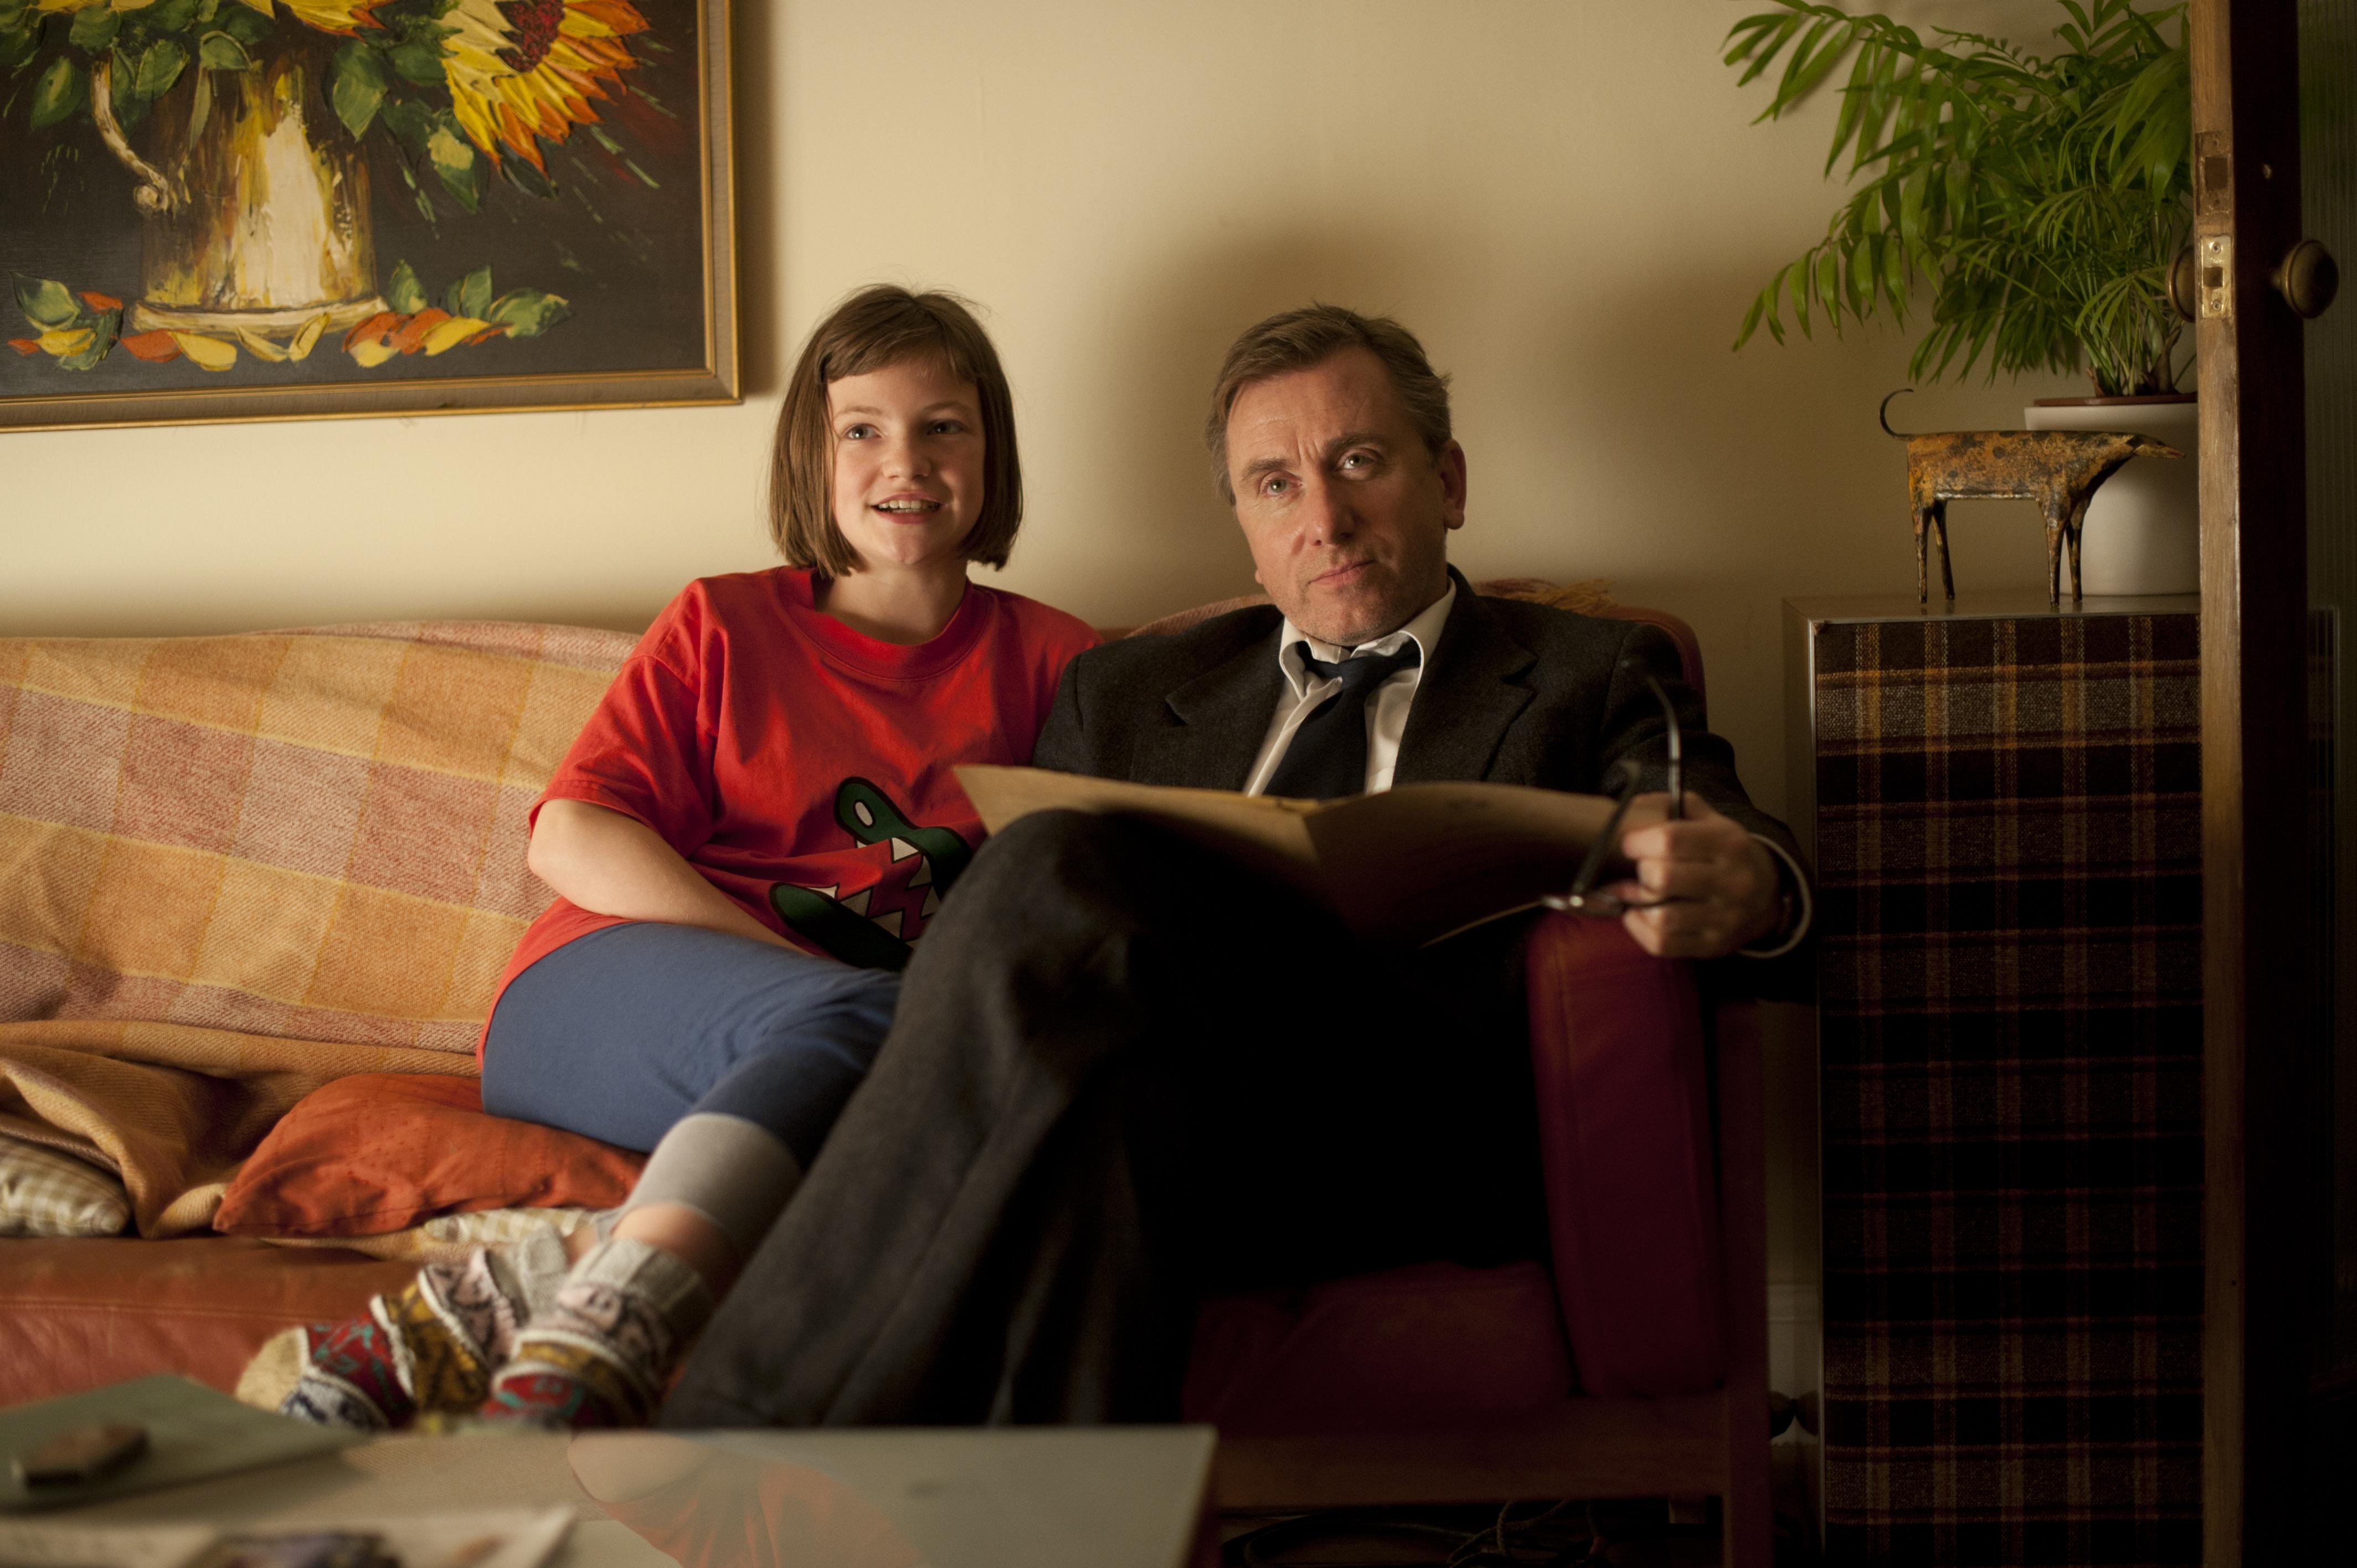 Eloise Laurence és Tim Roth az Ébredésben (Fotó: showfilmfirst.com)